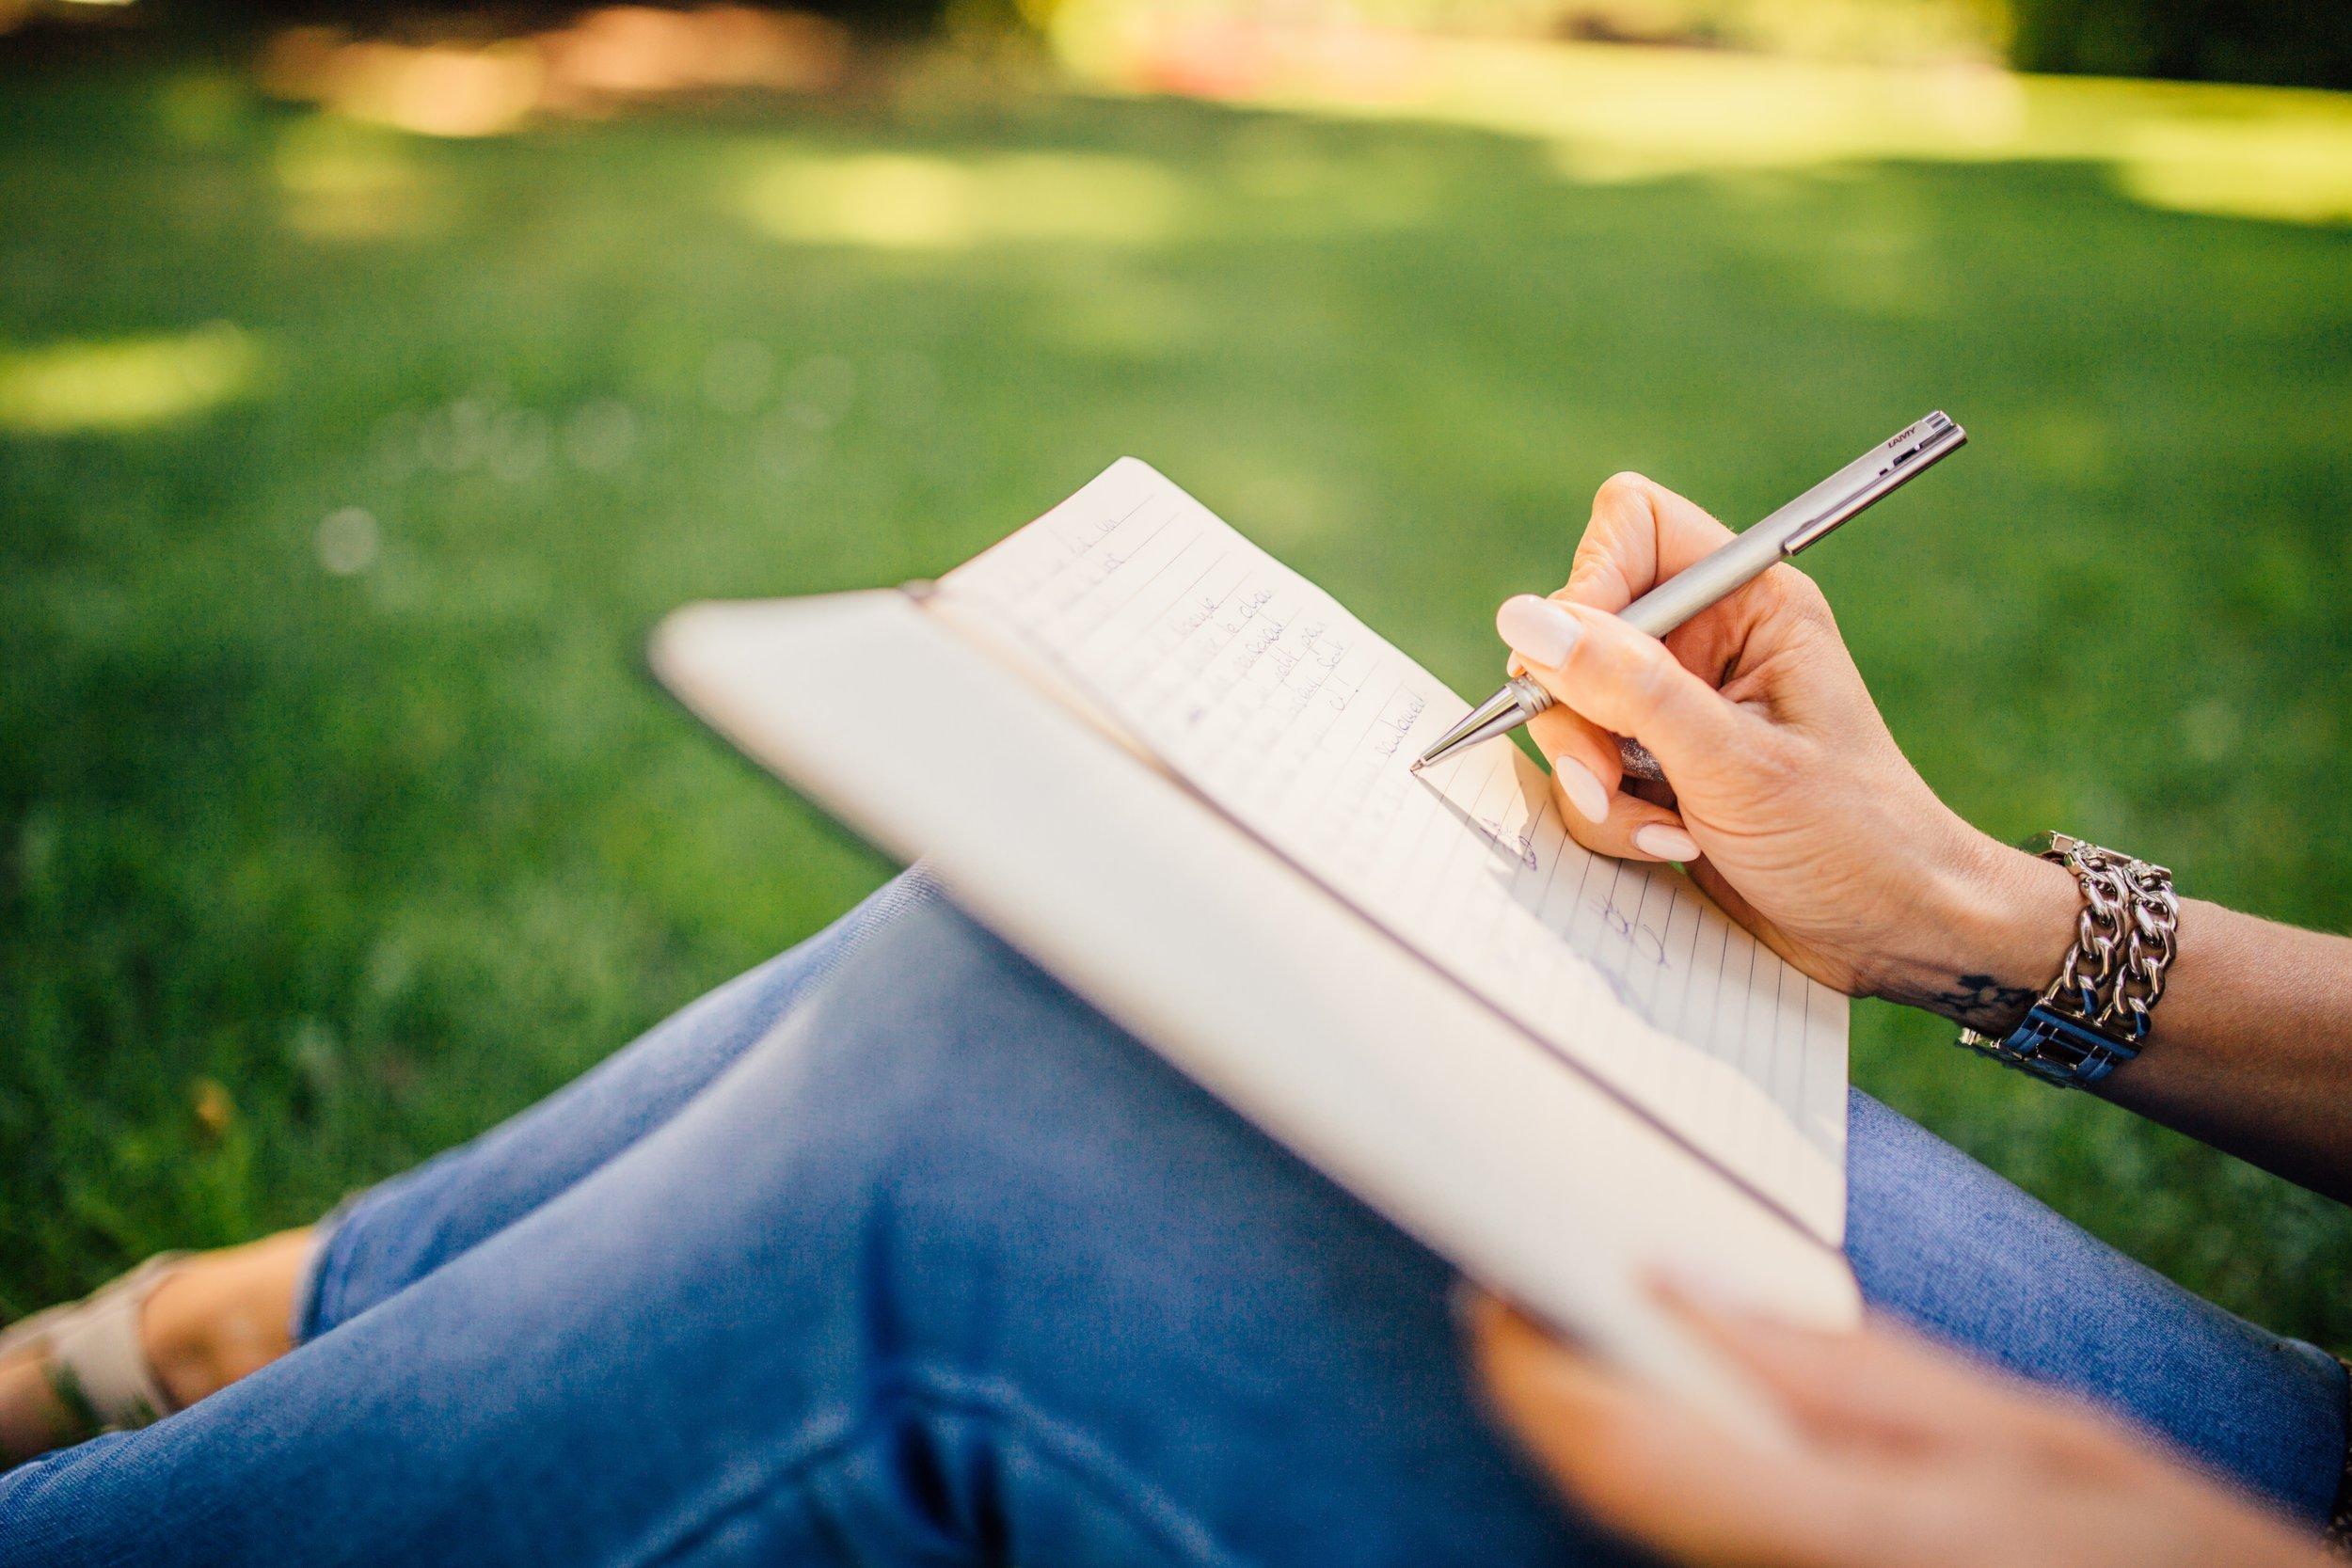 hand-journal-notebook-34072-2.jpg